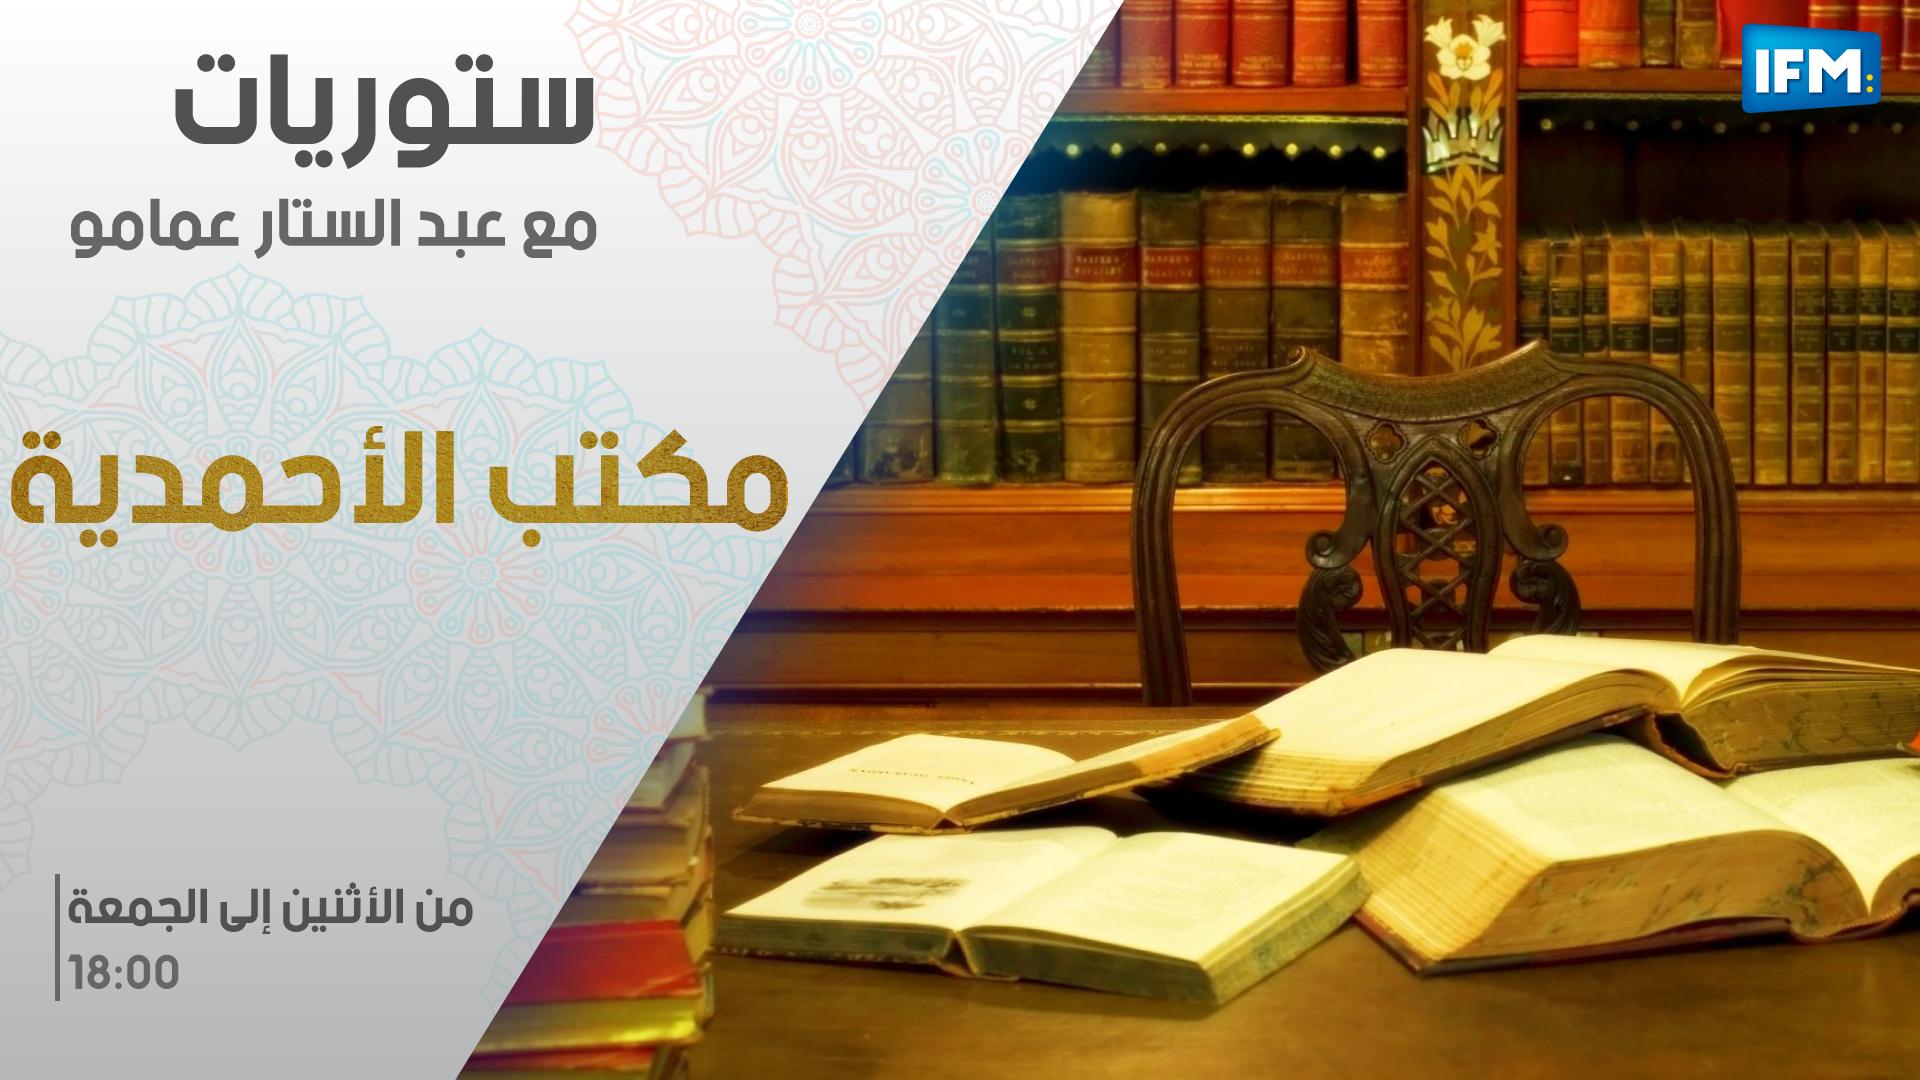 IFM ORIGINALS اليوم عبد الستار عمامو يحكيلنا على المكتبة الأحمدية في ستوريات